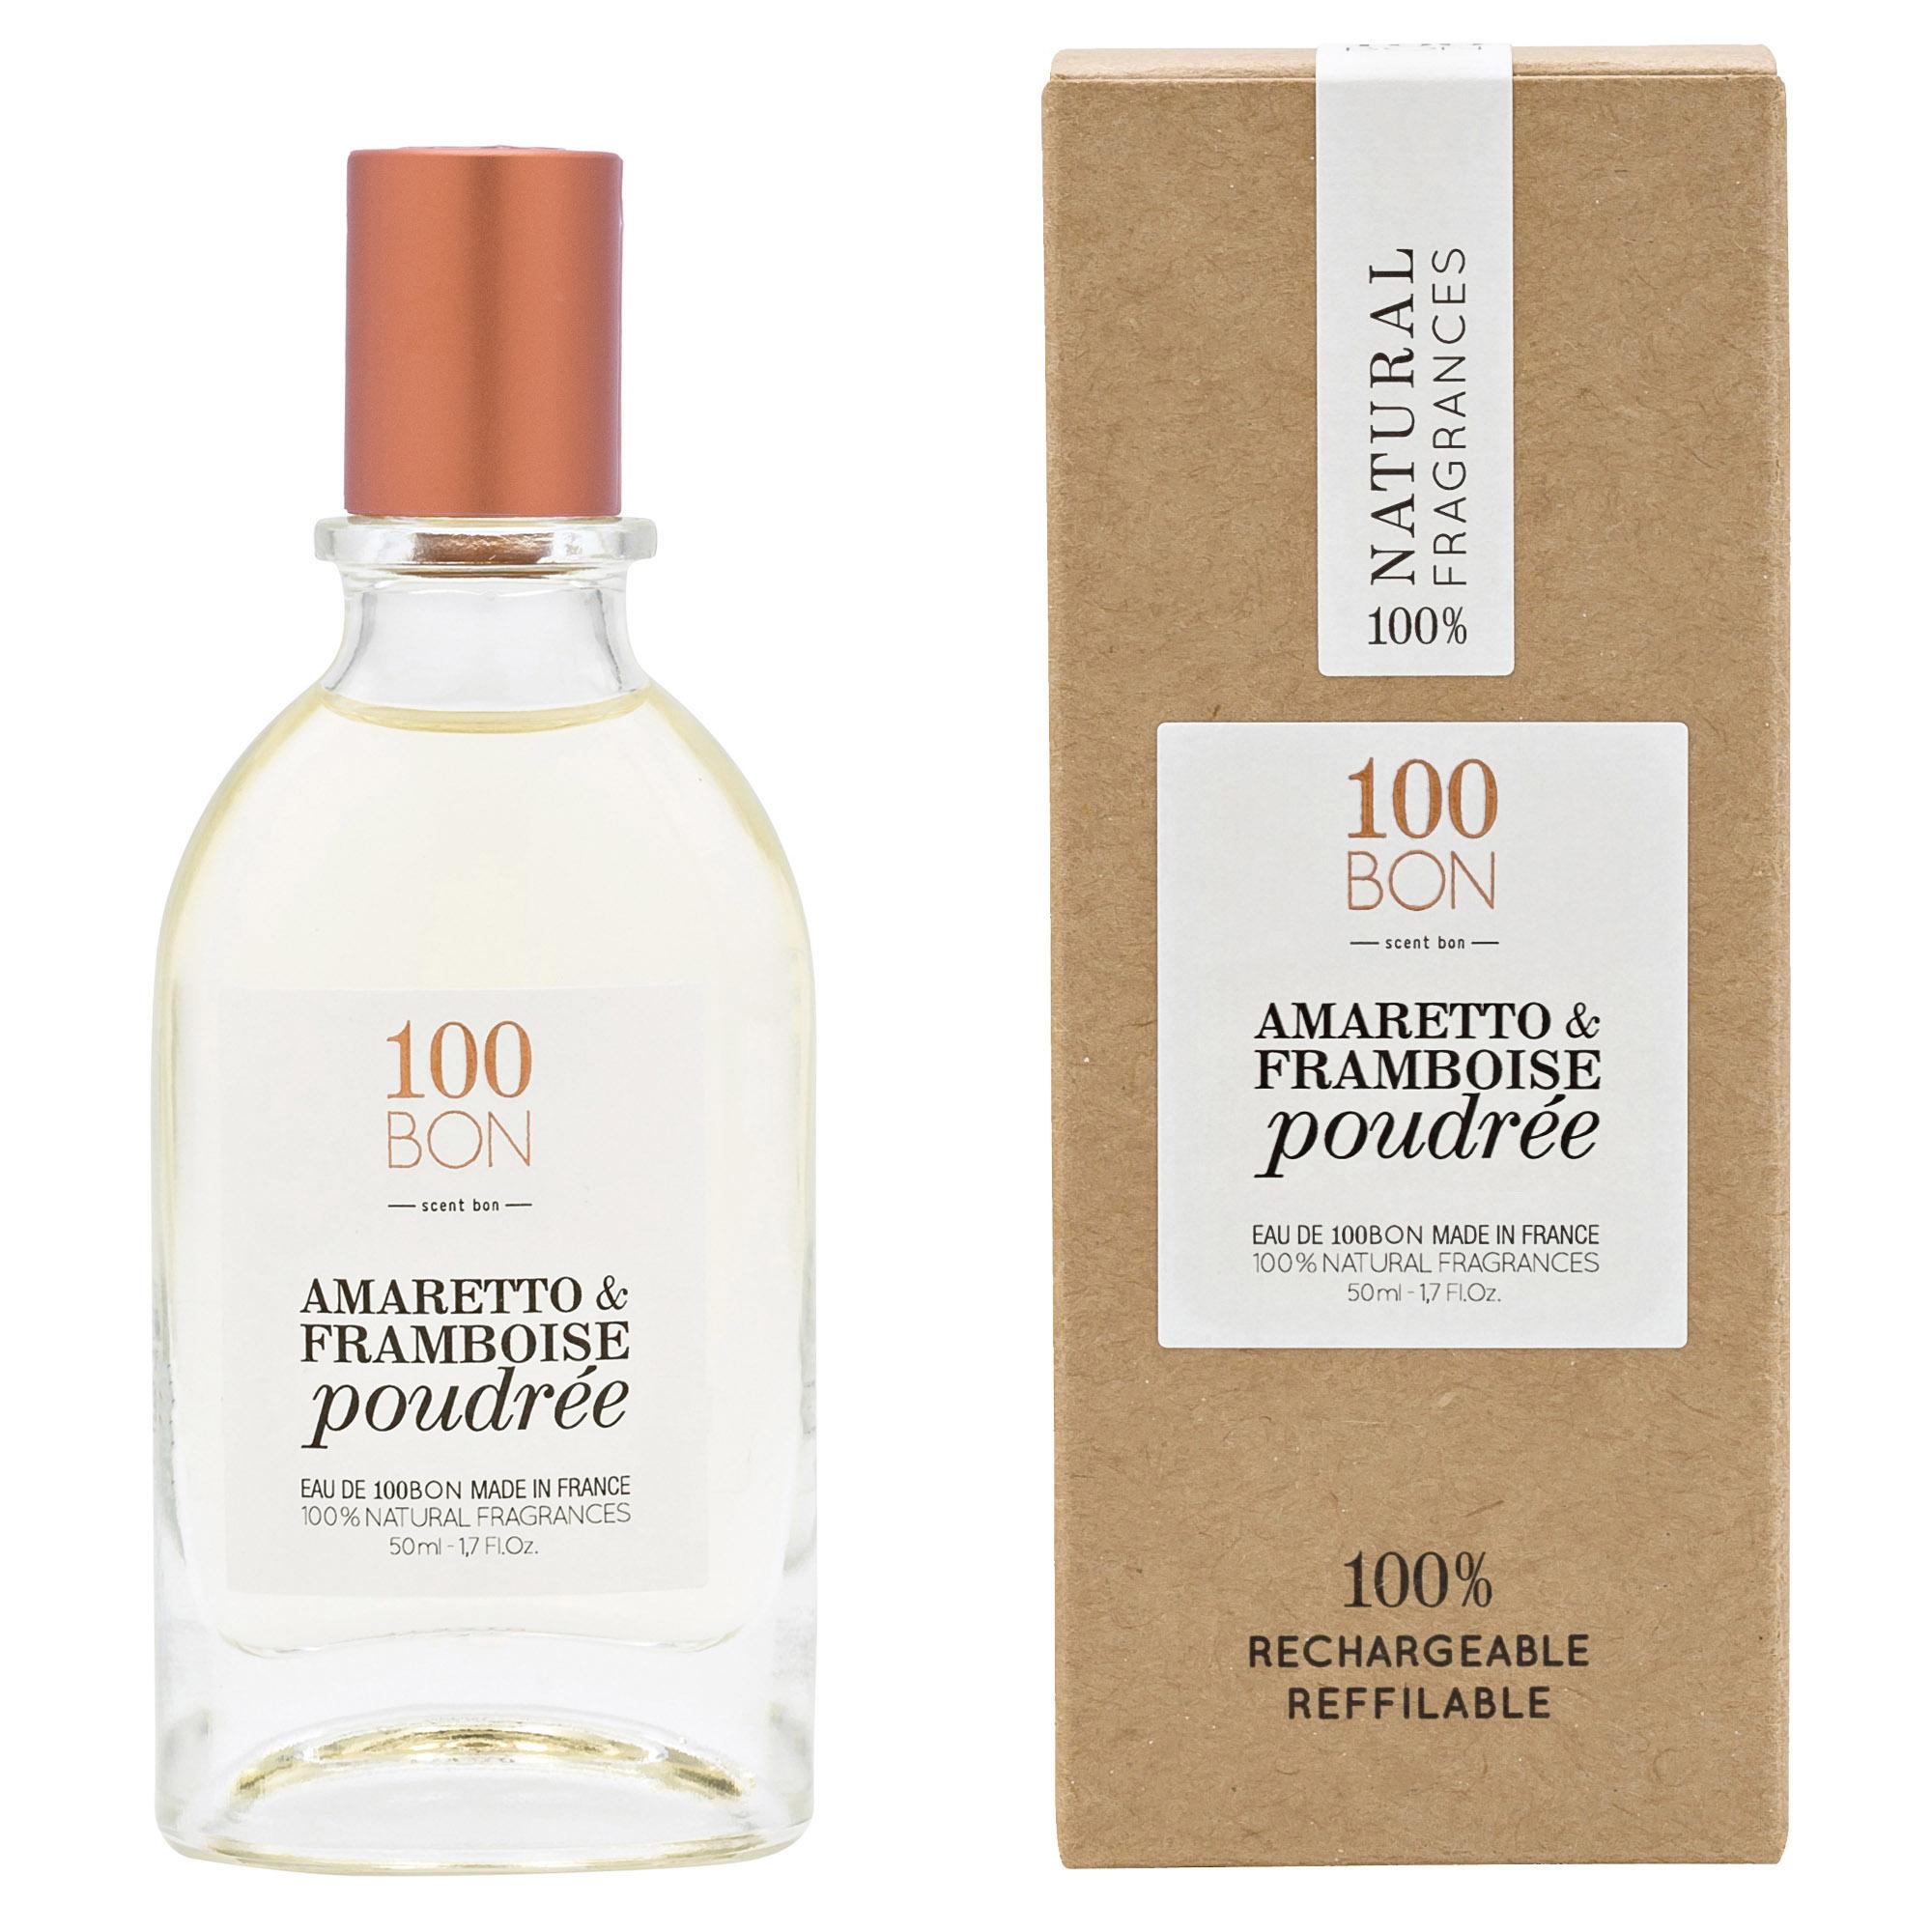 Amaretto & Framboise Poudrée EdP 50ml